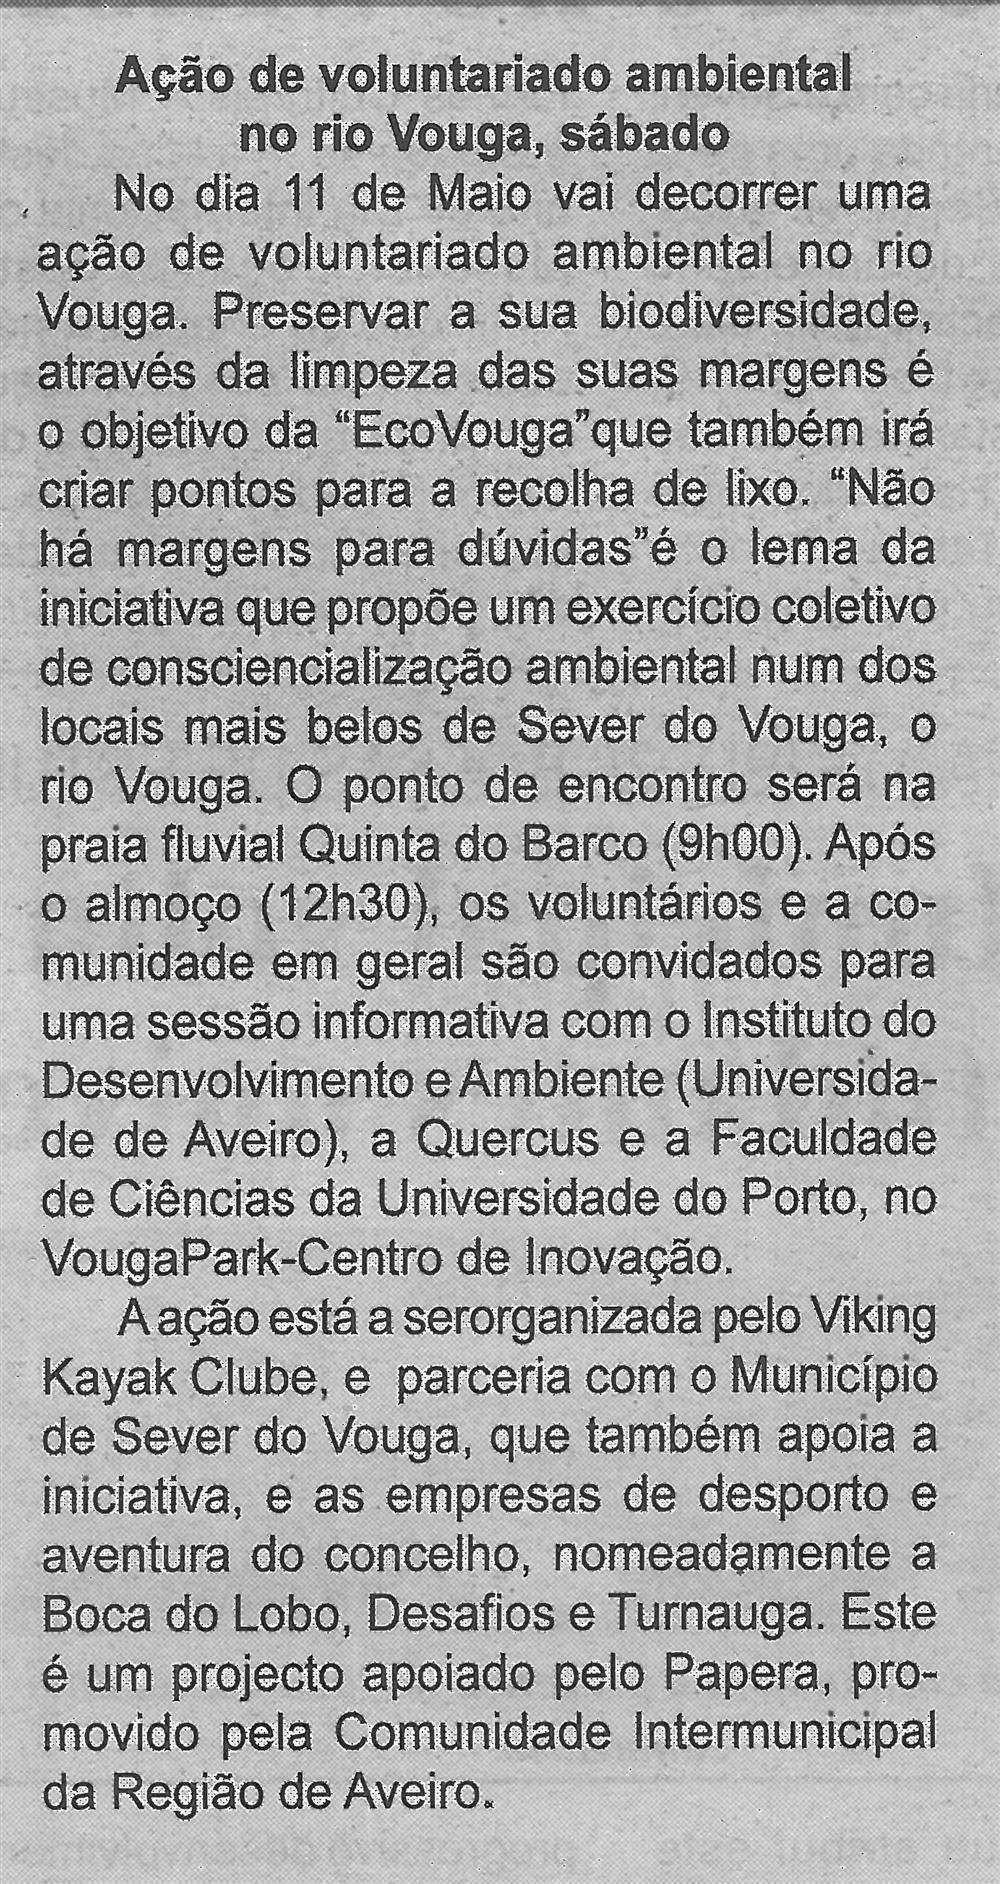 BV-1.ªmaio'19-p.4-Ação de voluntariado ambiental no Rio Vouga, sábado.jpg